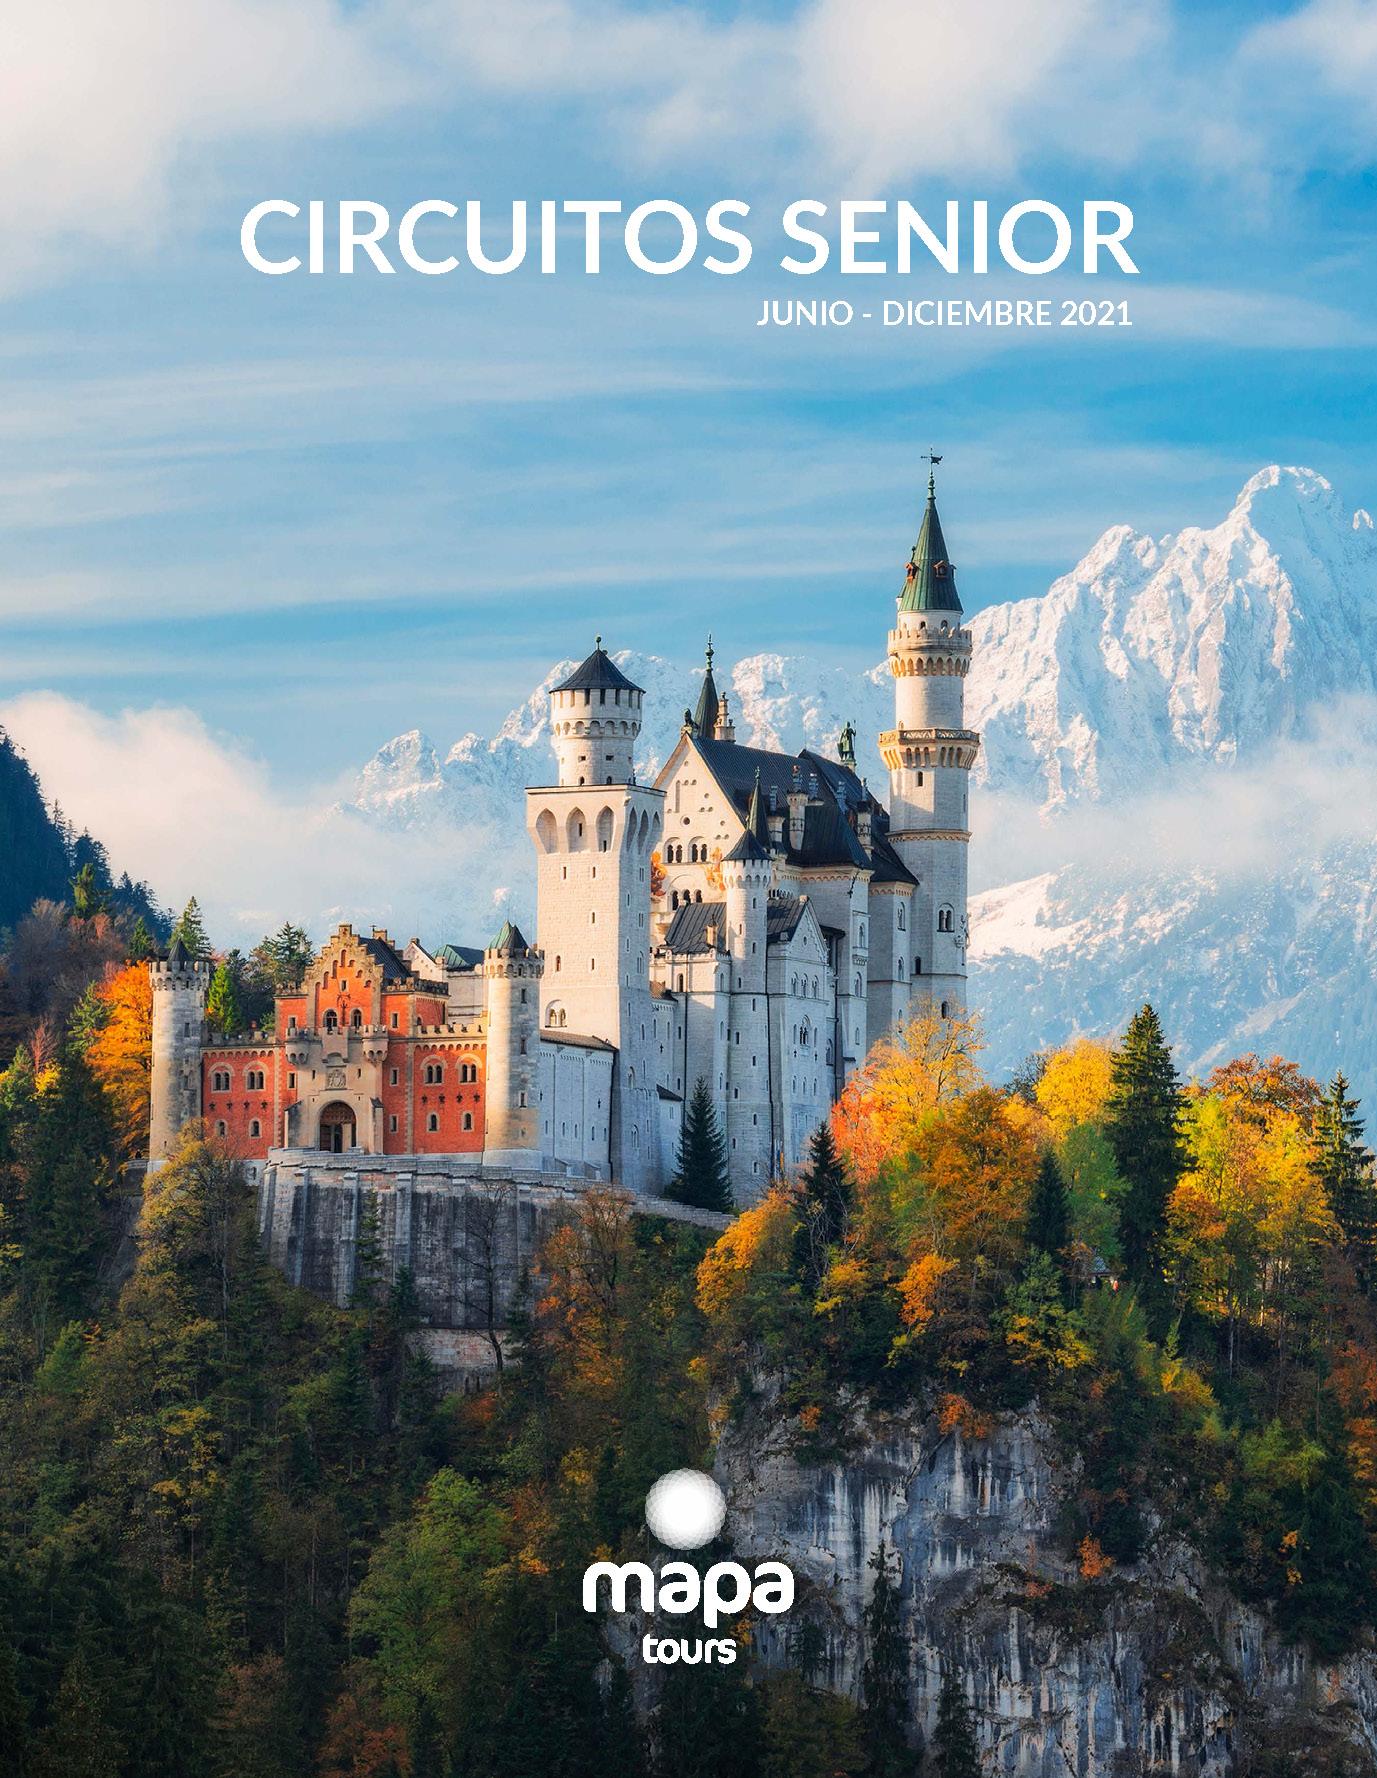 Catalogo Mapa Tours Senior 2021